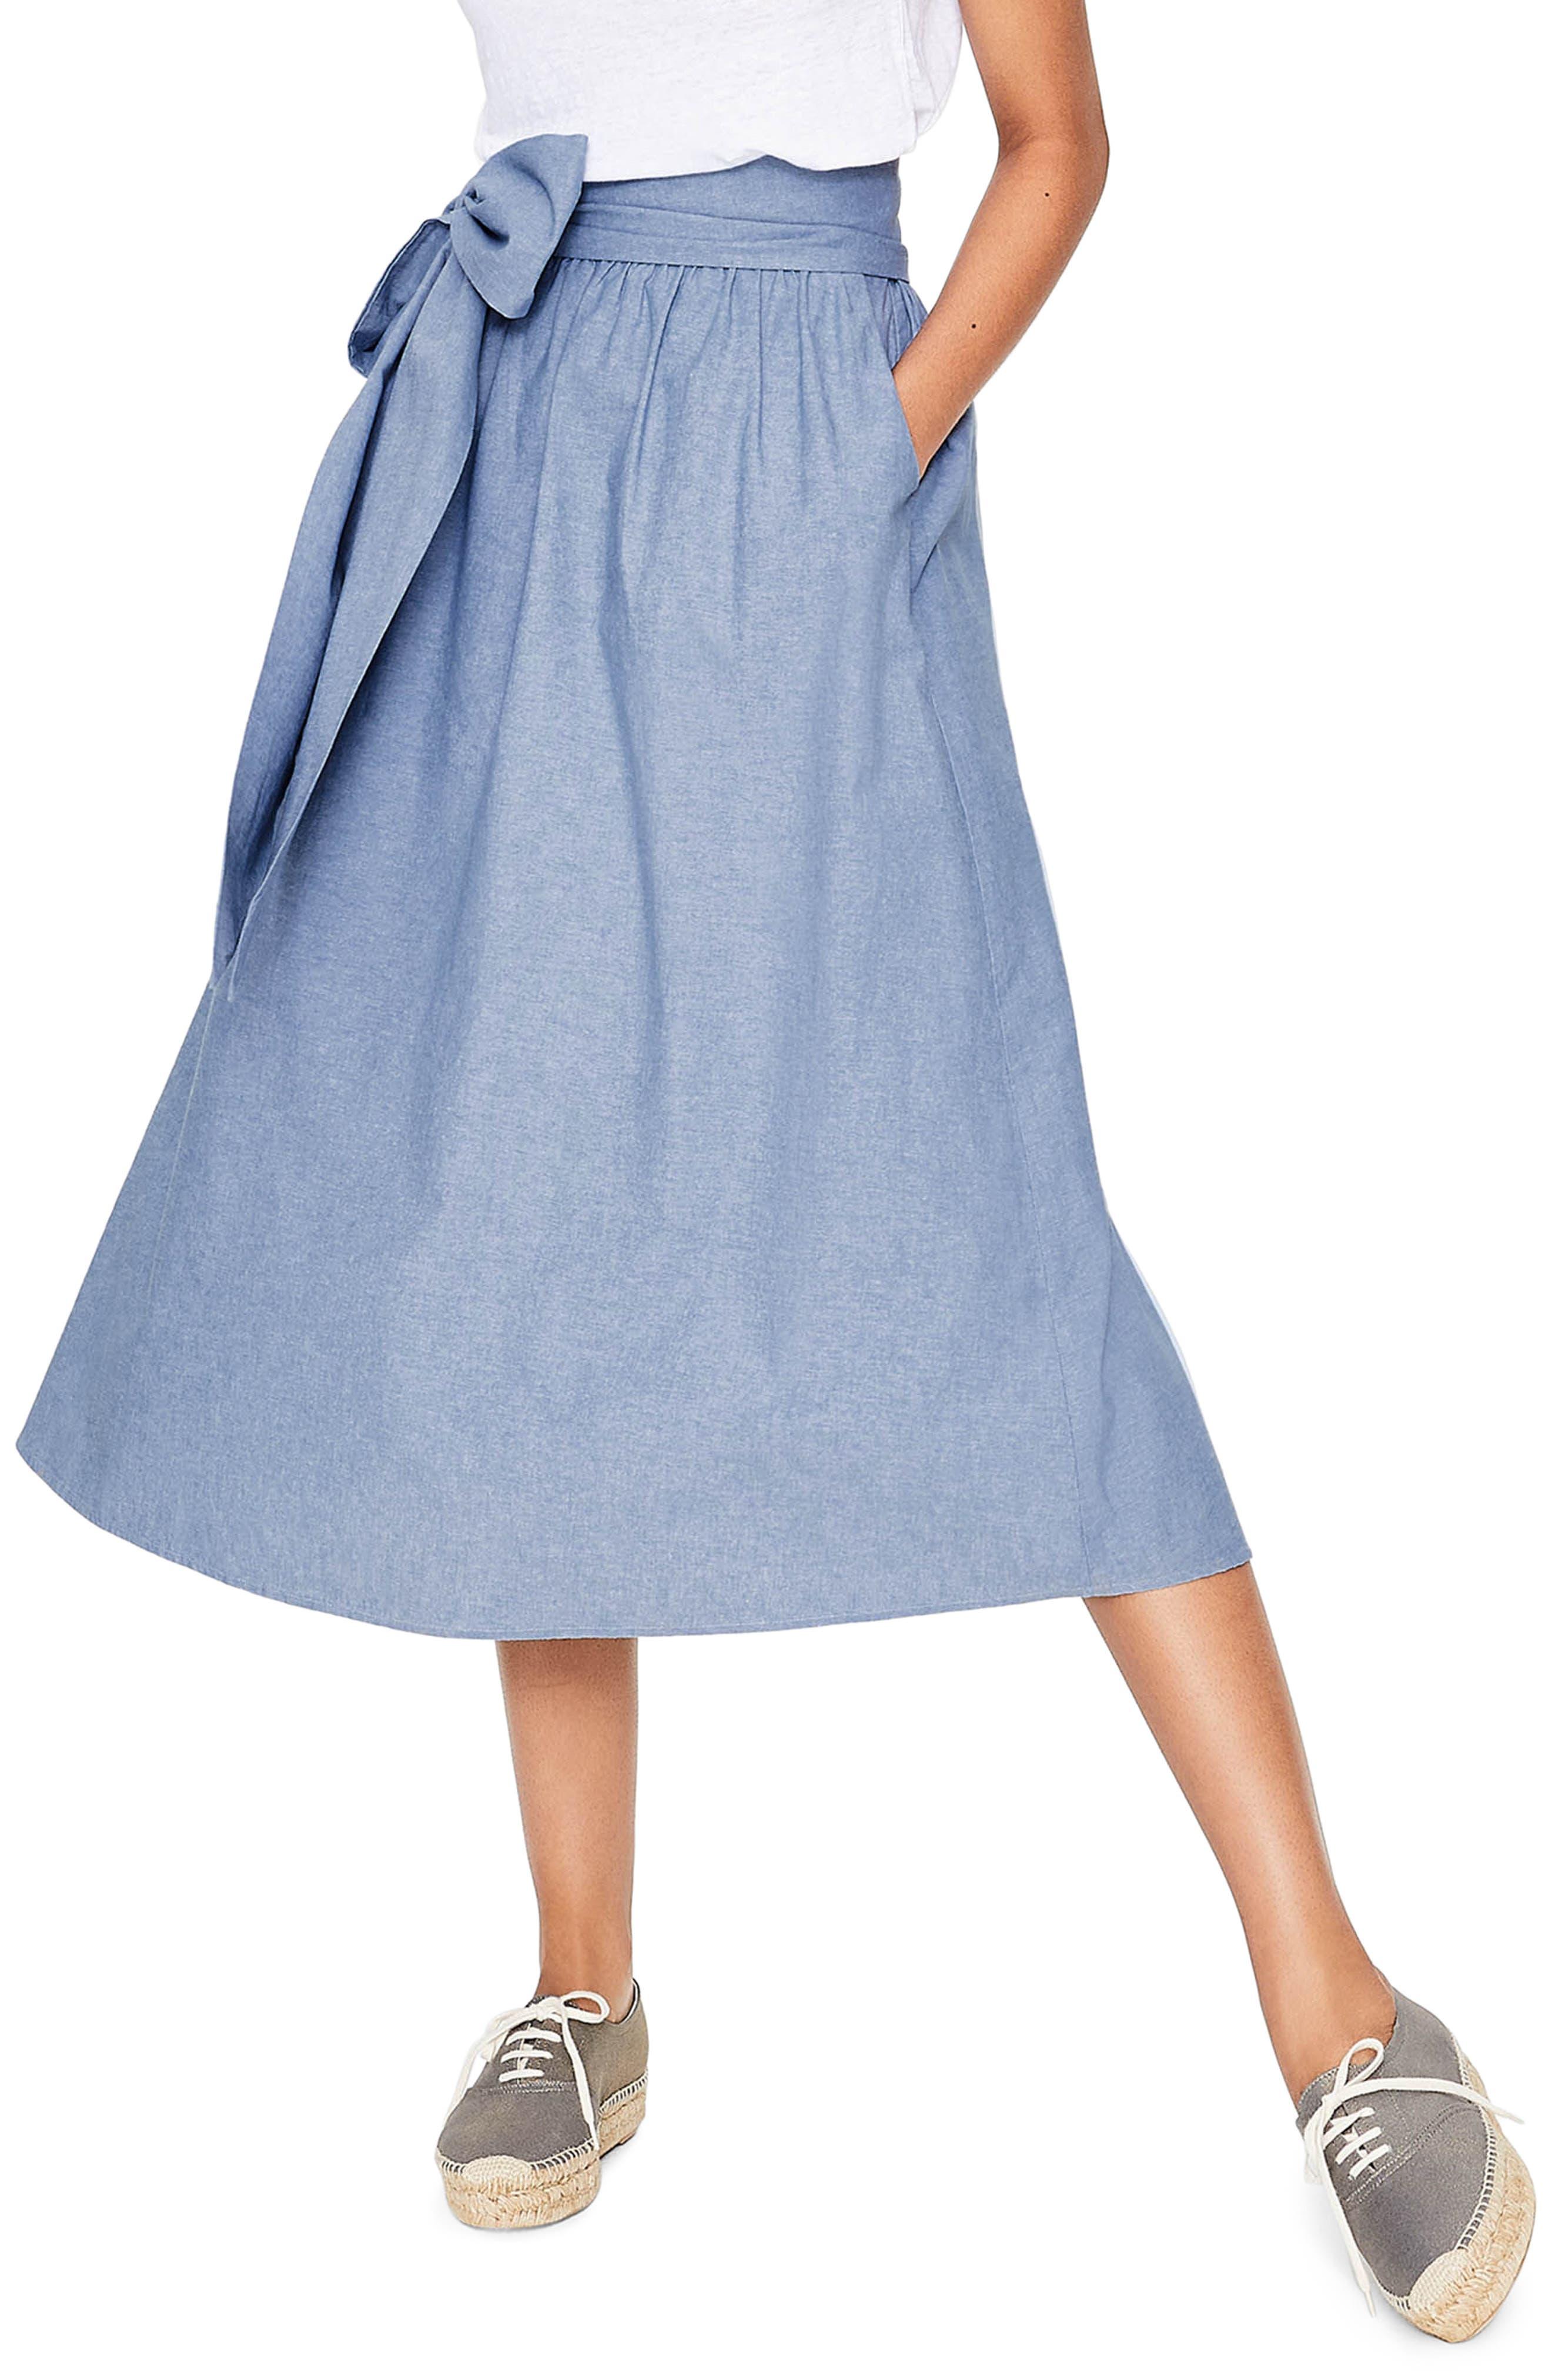 Kiera Midi Skirt,                         Main,                         color, 469